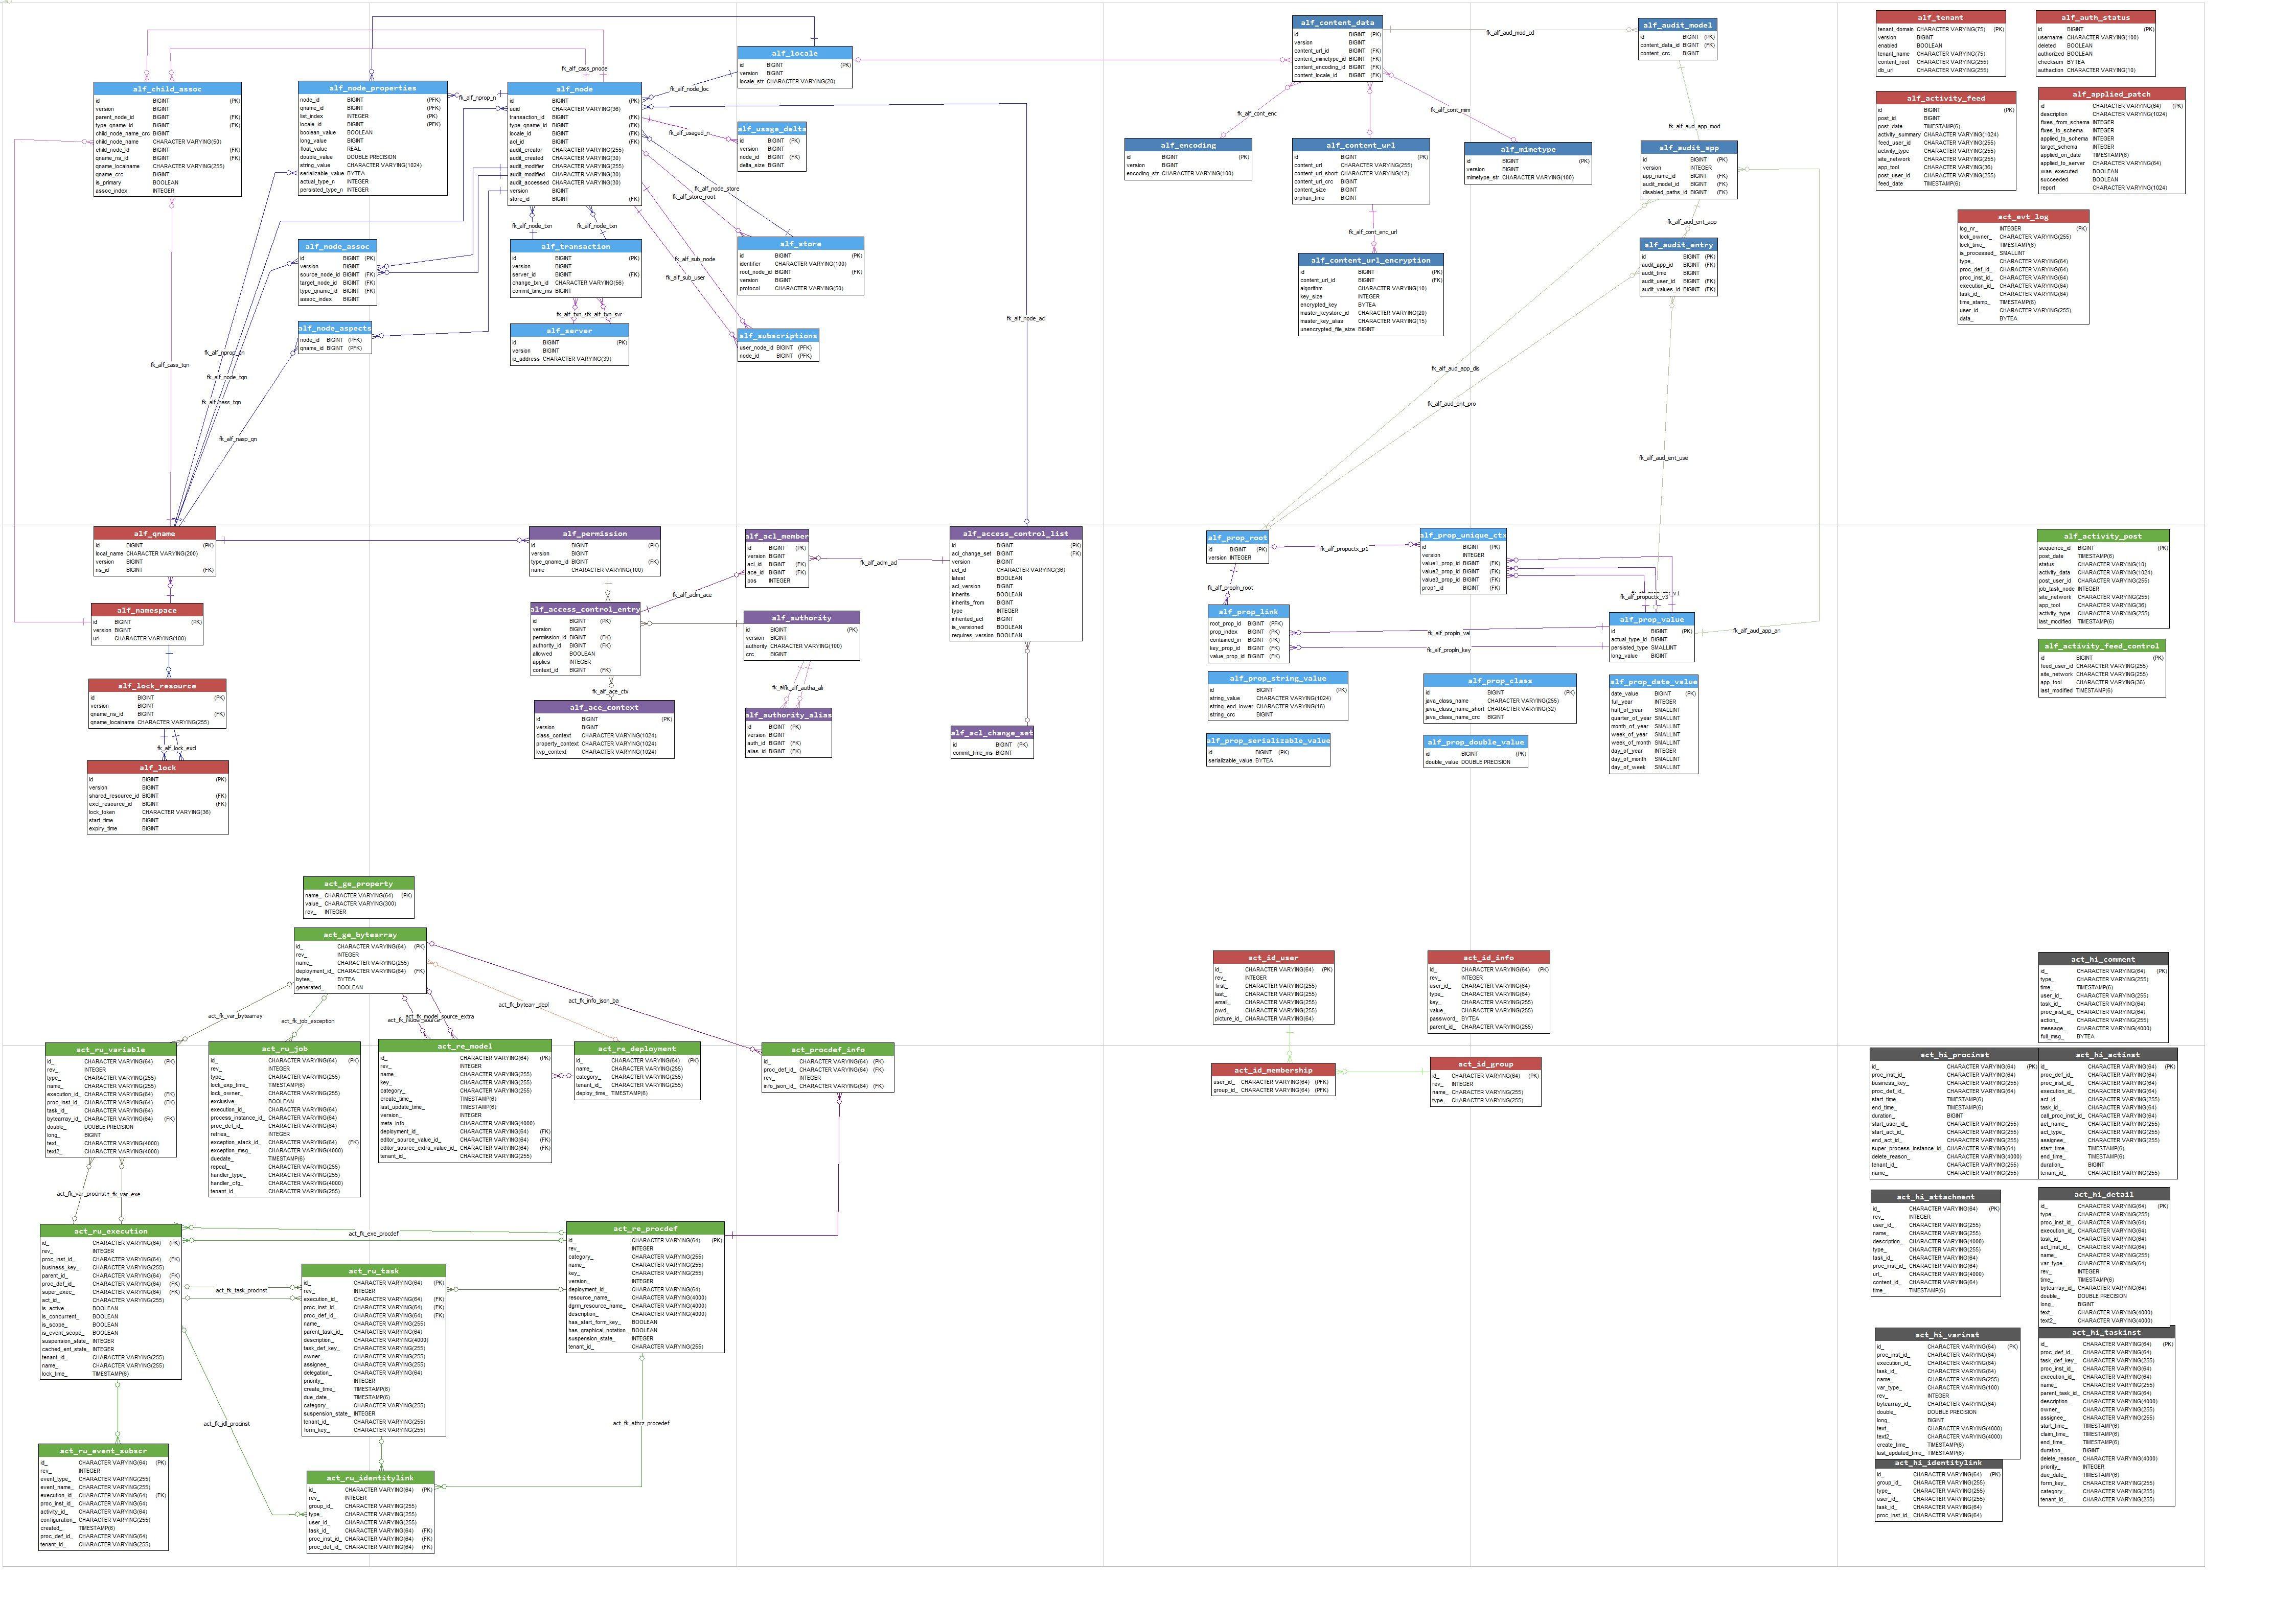 Alfresco Database Model